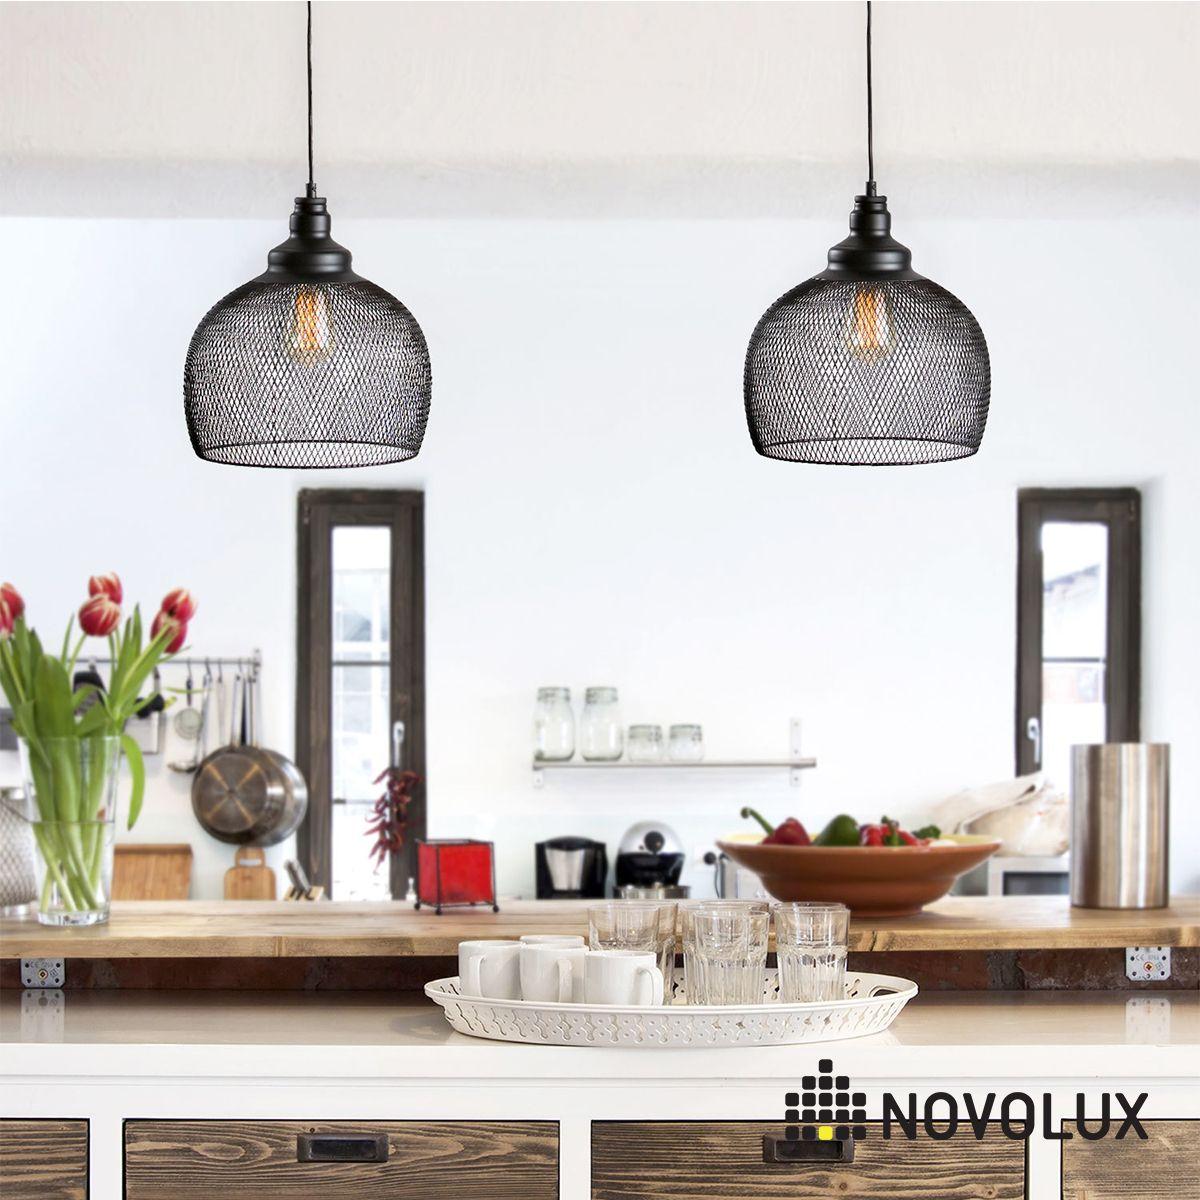 Visilice Novo Lux Lustres Luminaria Ideias